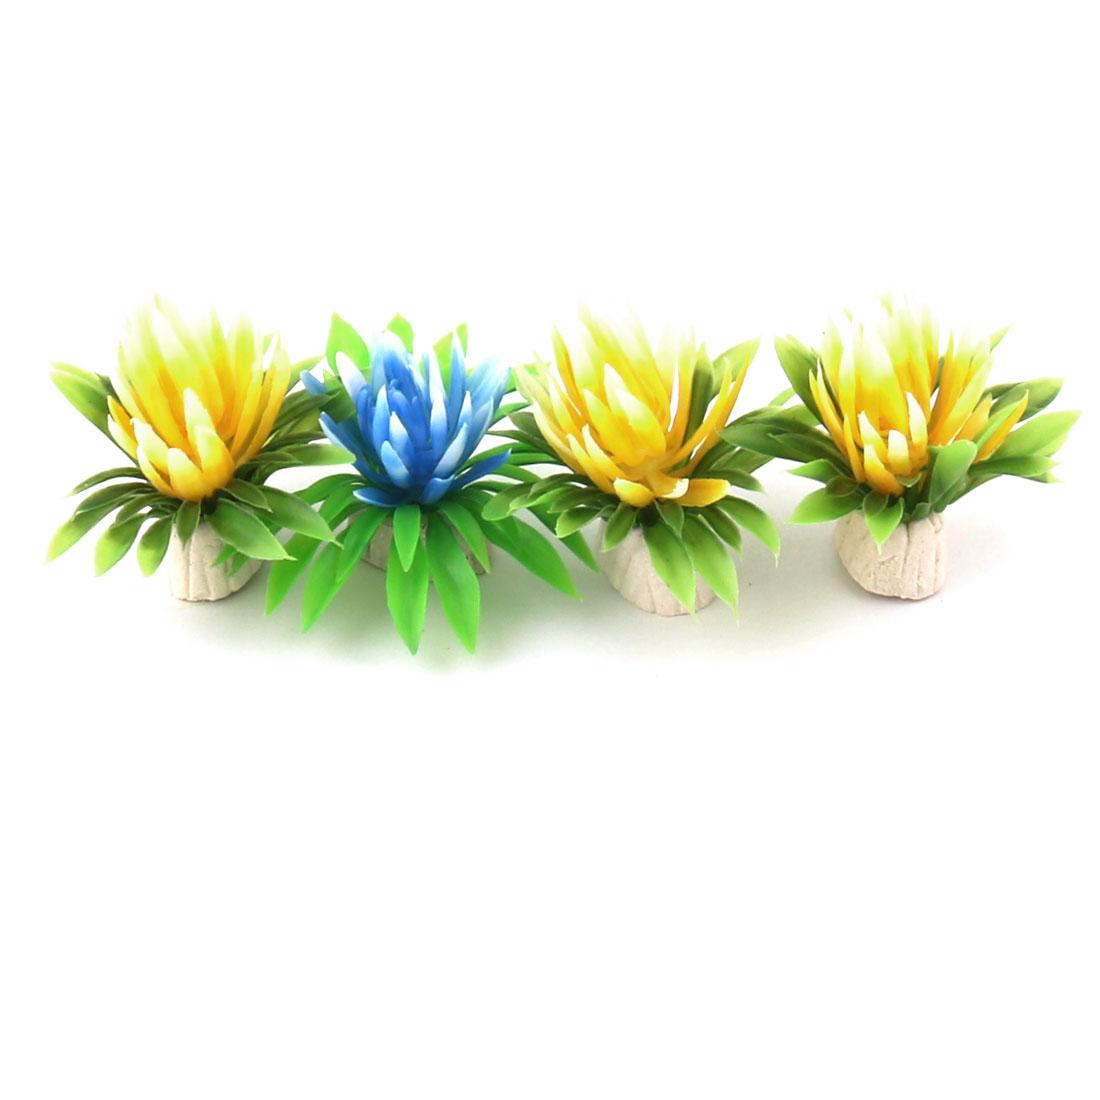 Aquarium Fish Tank Plastic Artificial Decor Imitation Plants Assorted Color 4pcs